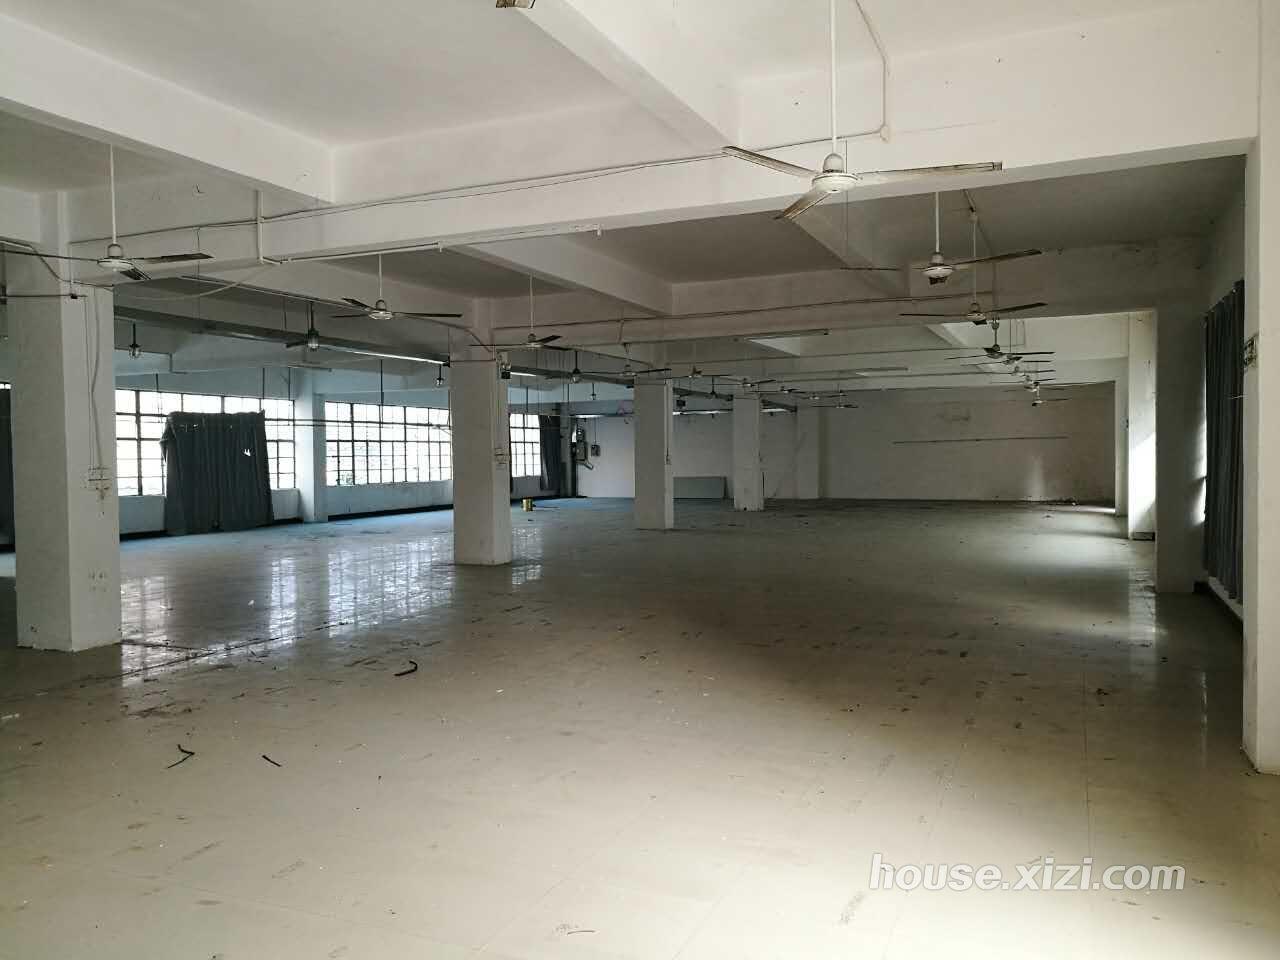 陈江 邮电局附件大欣附近3800平方  标准楼房 价格面议